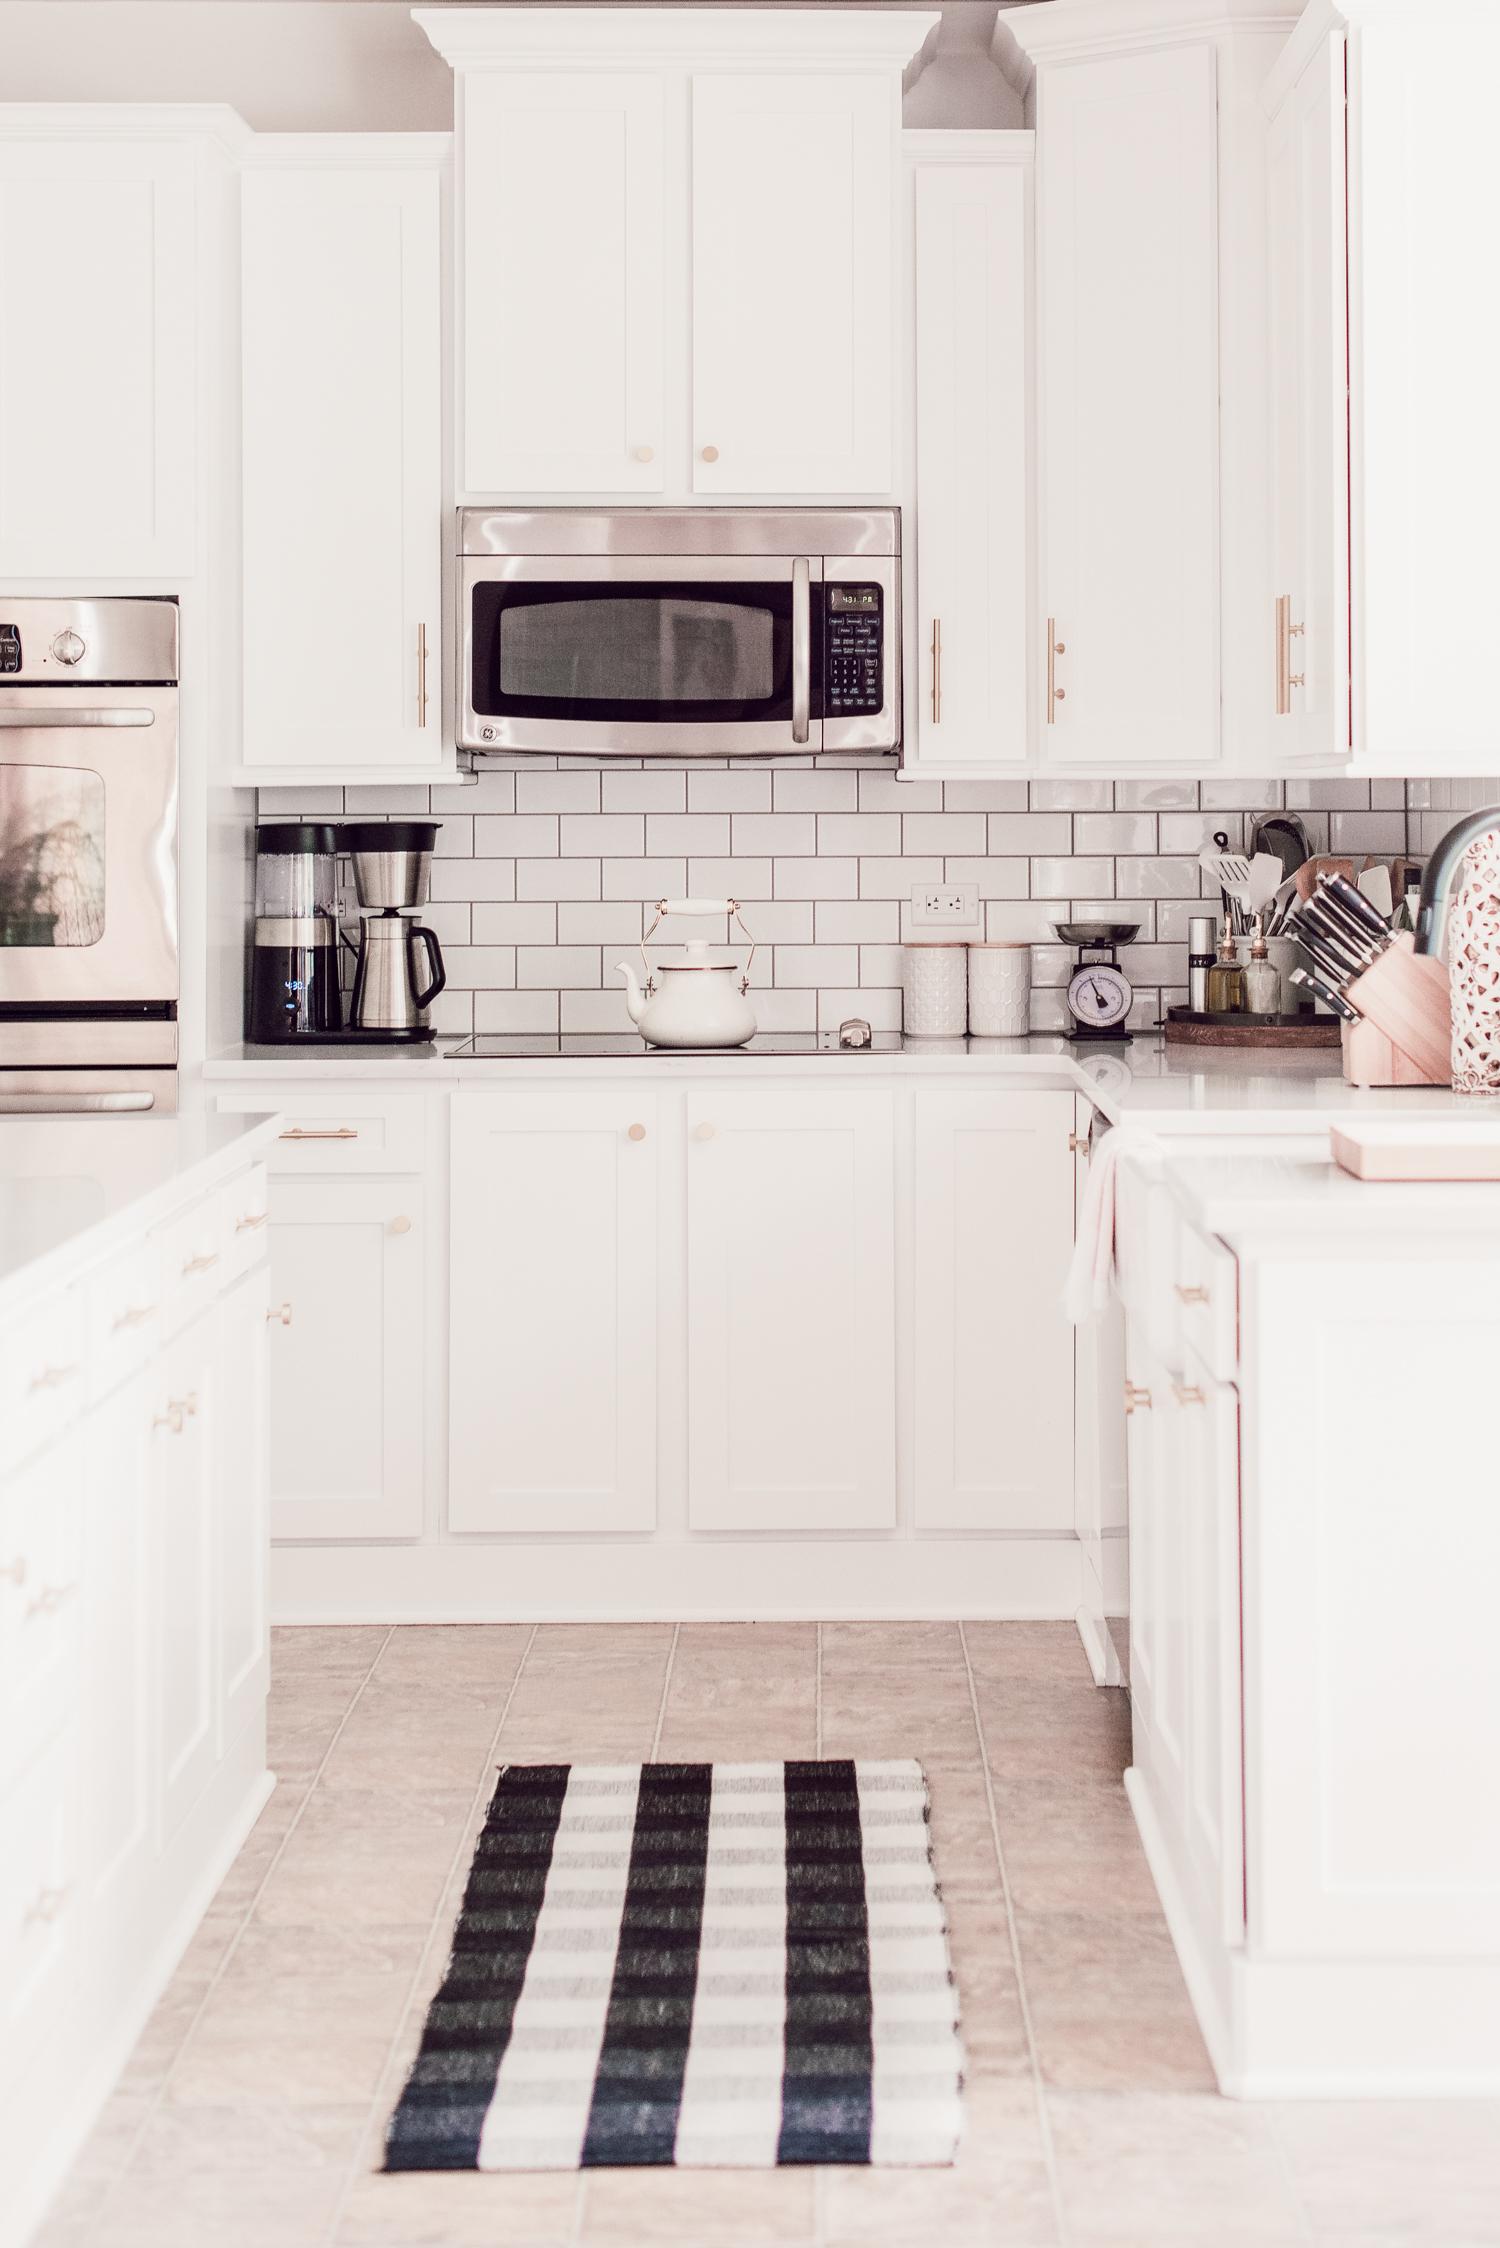 Our Farmhouse Kitchen Renovation Reveal